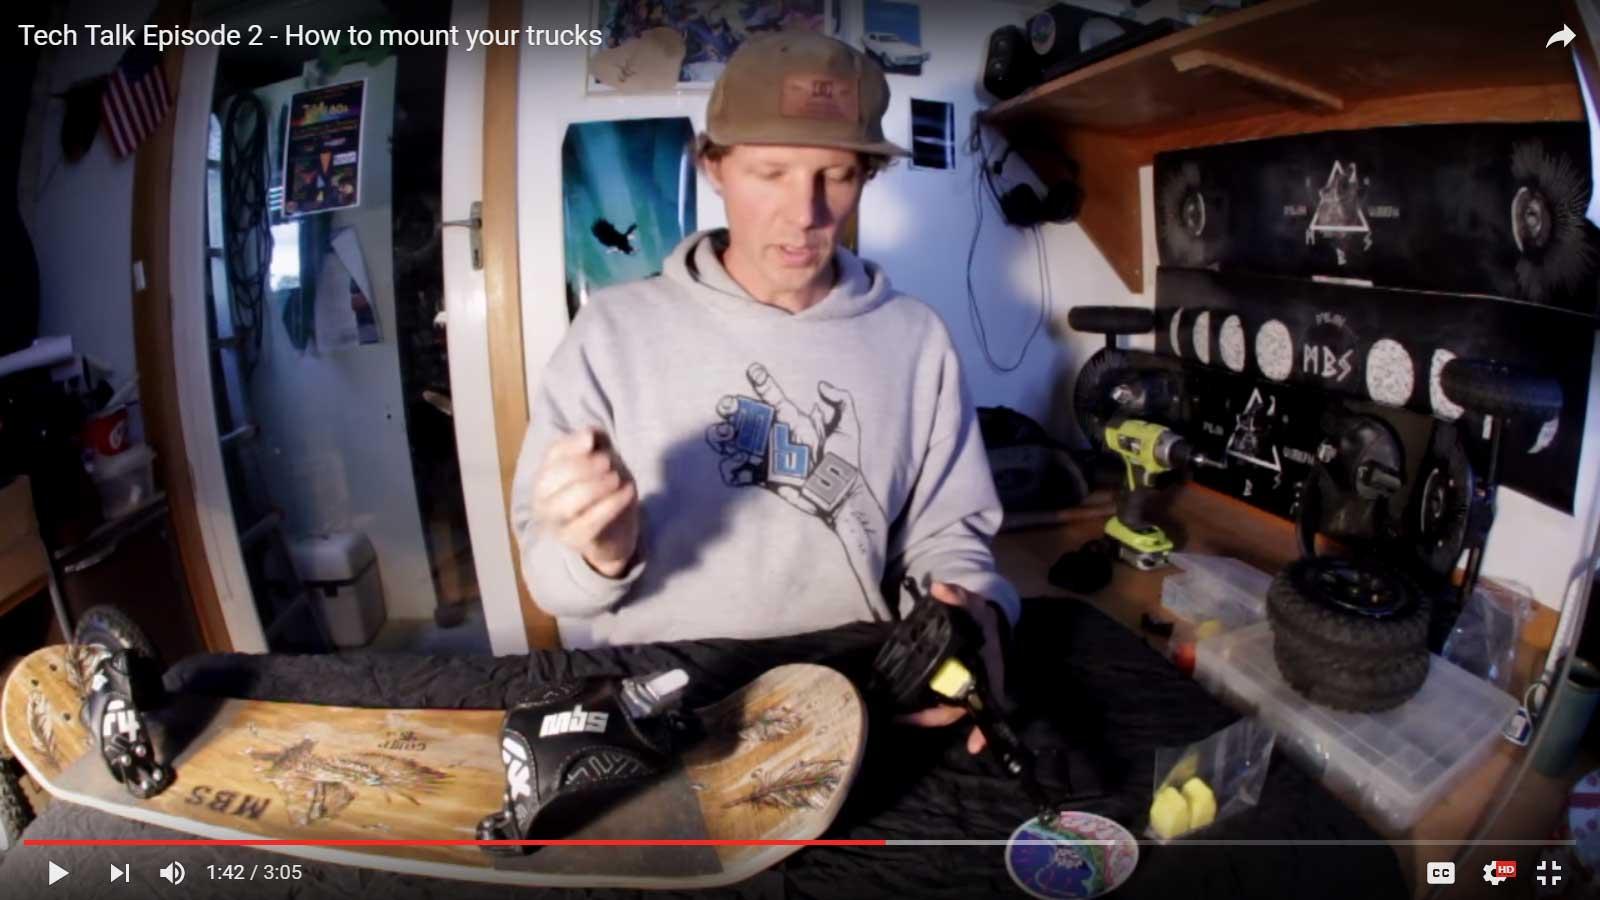 MBS Tech Talk Episode 2 – How to mount your Matrix II trucks